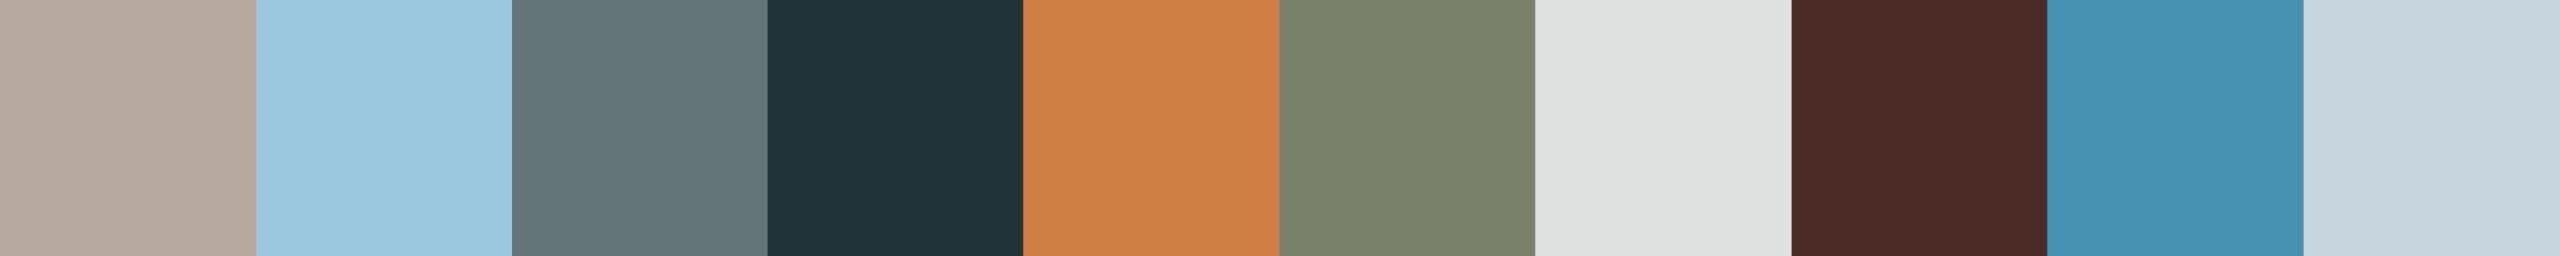 528 Parca Color Palette